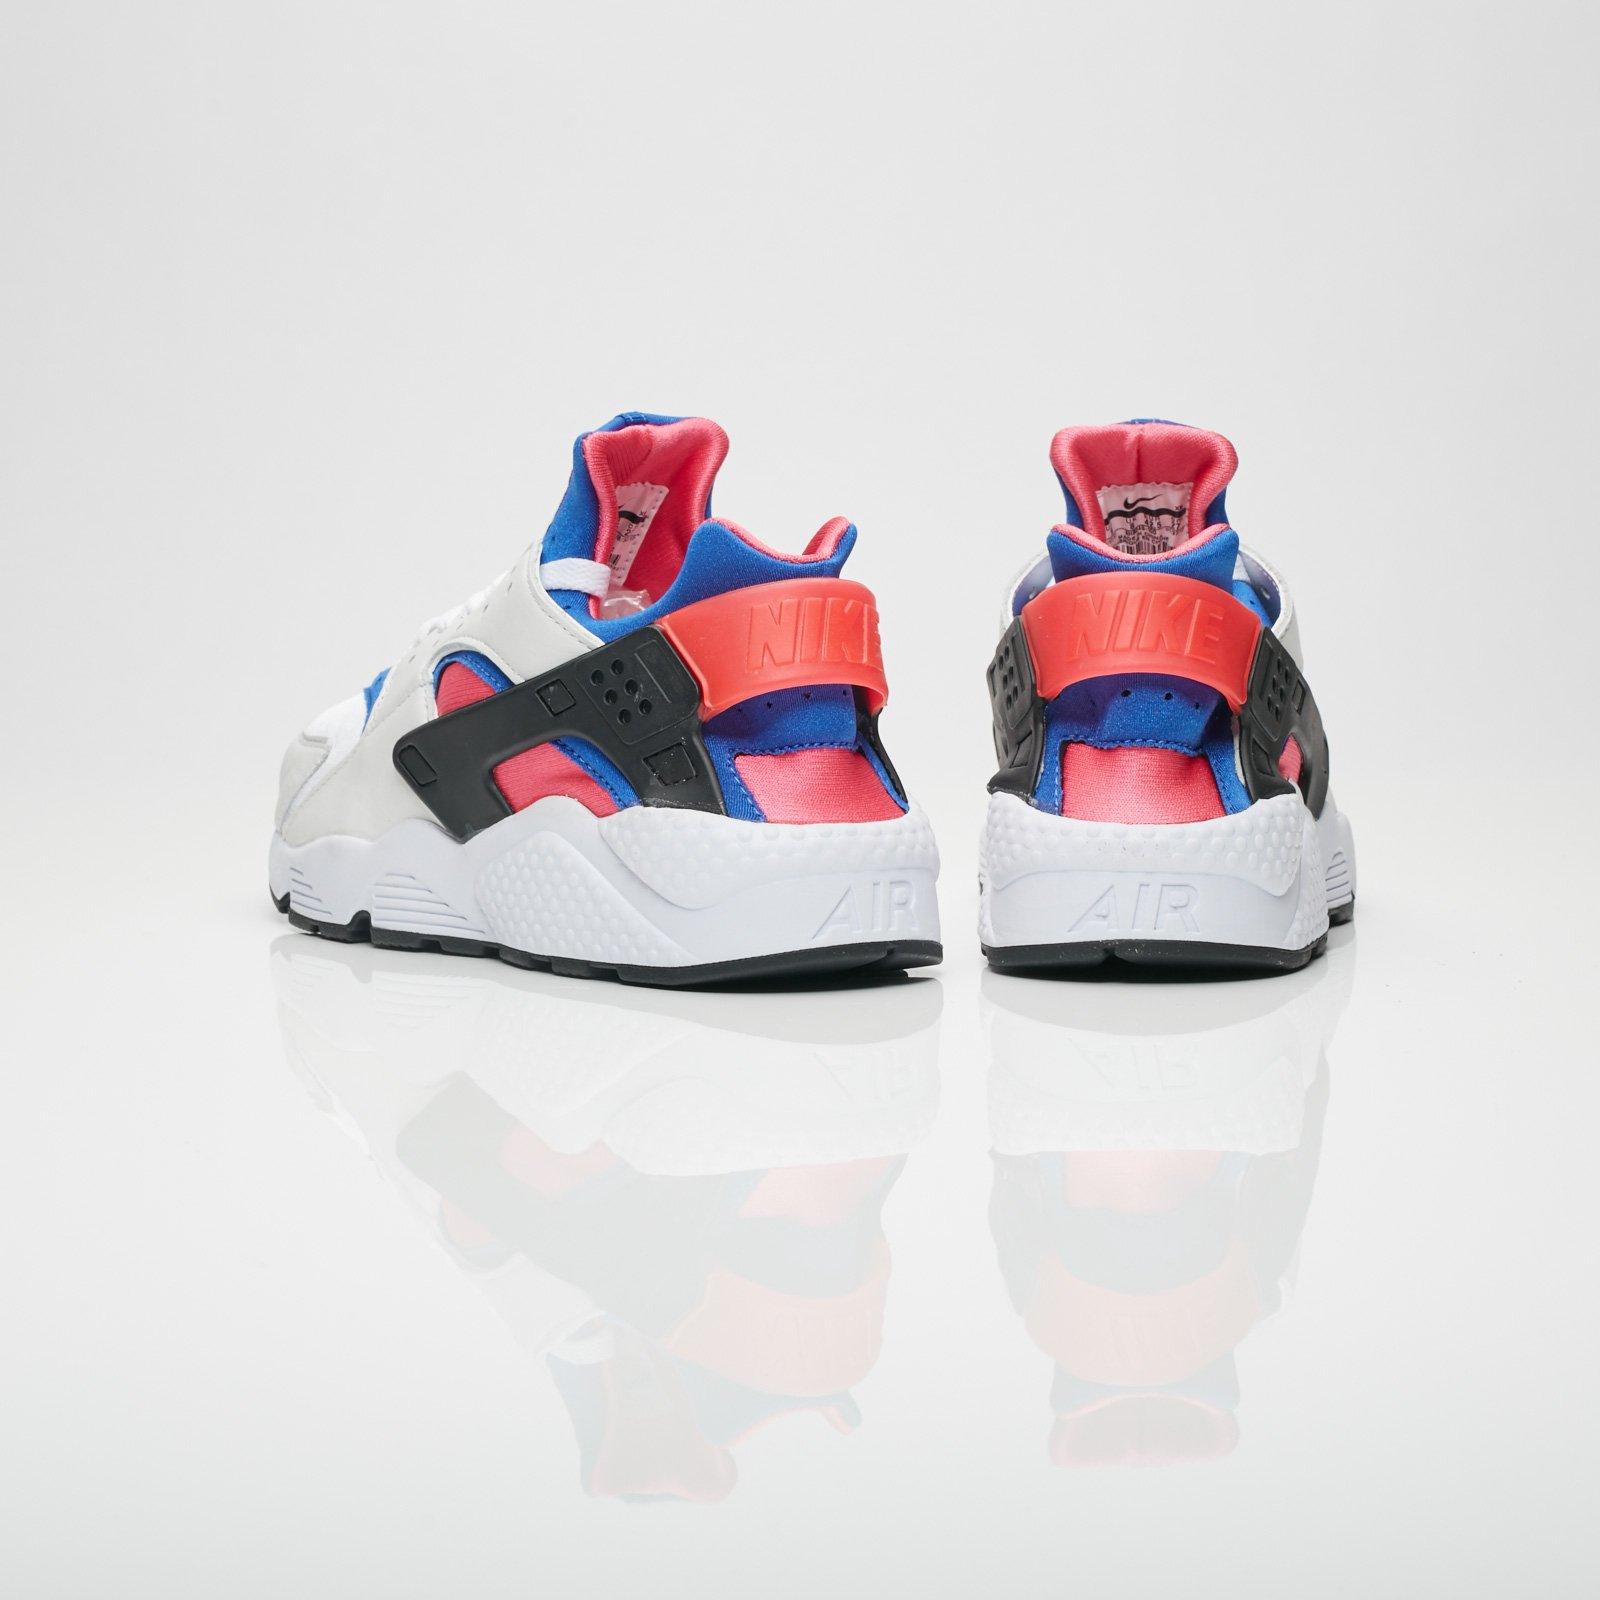 Nike Air Huarache Run 91 QS - Ah8049-100 - SNS   sneakers ...